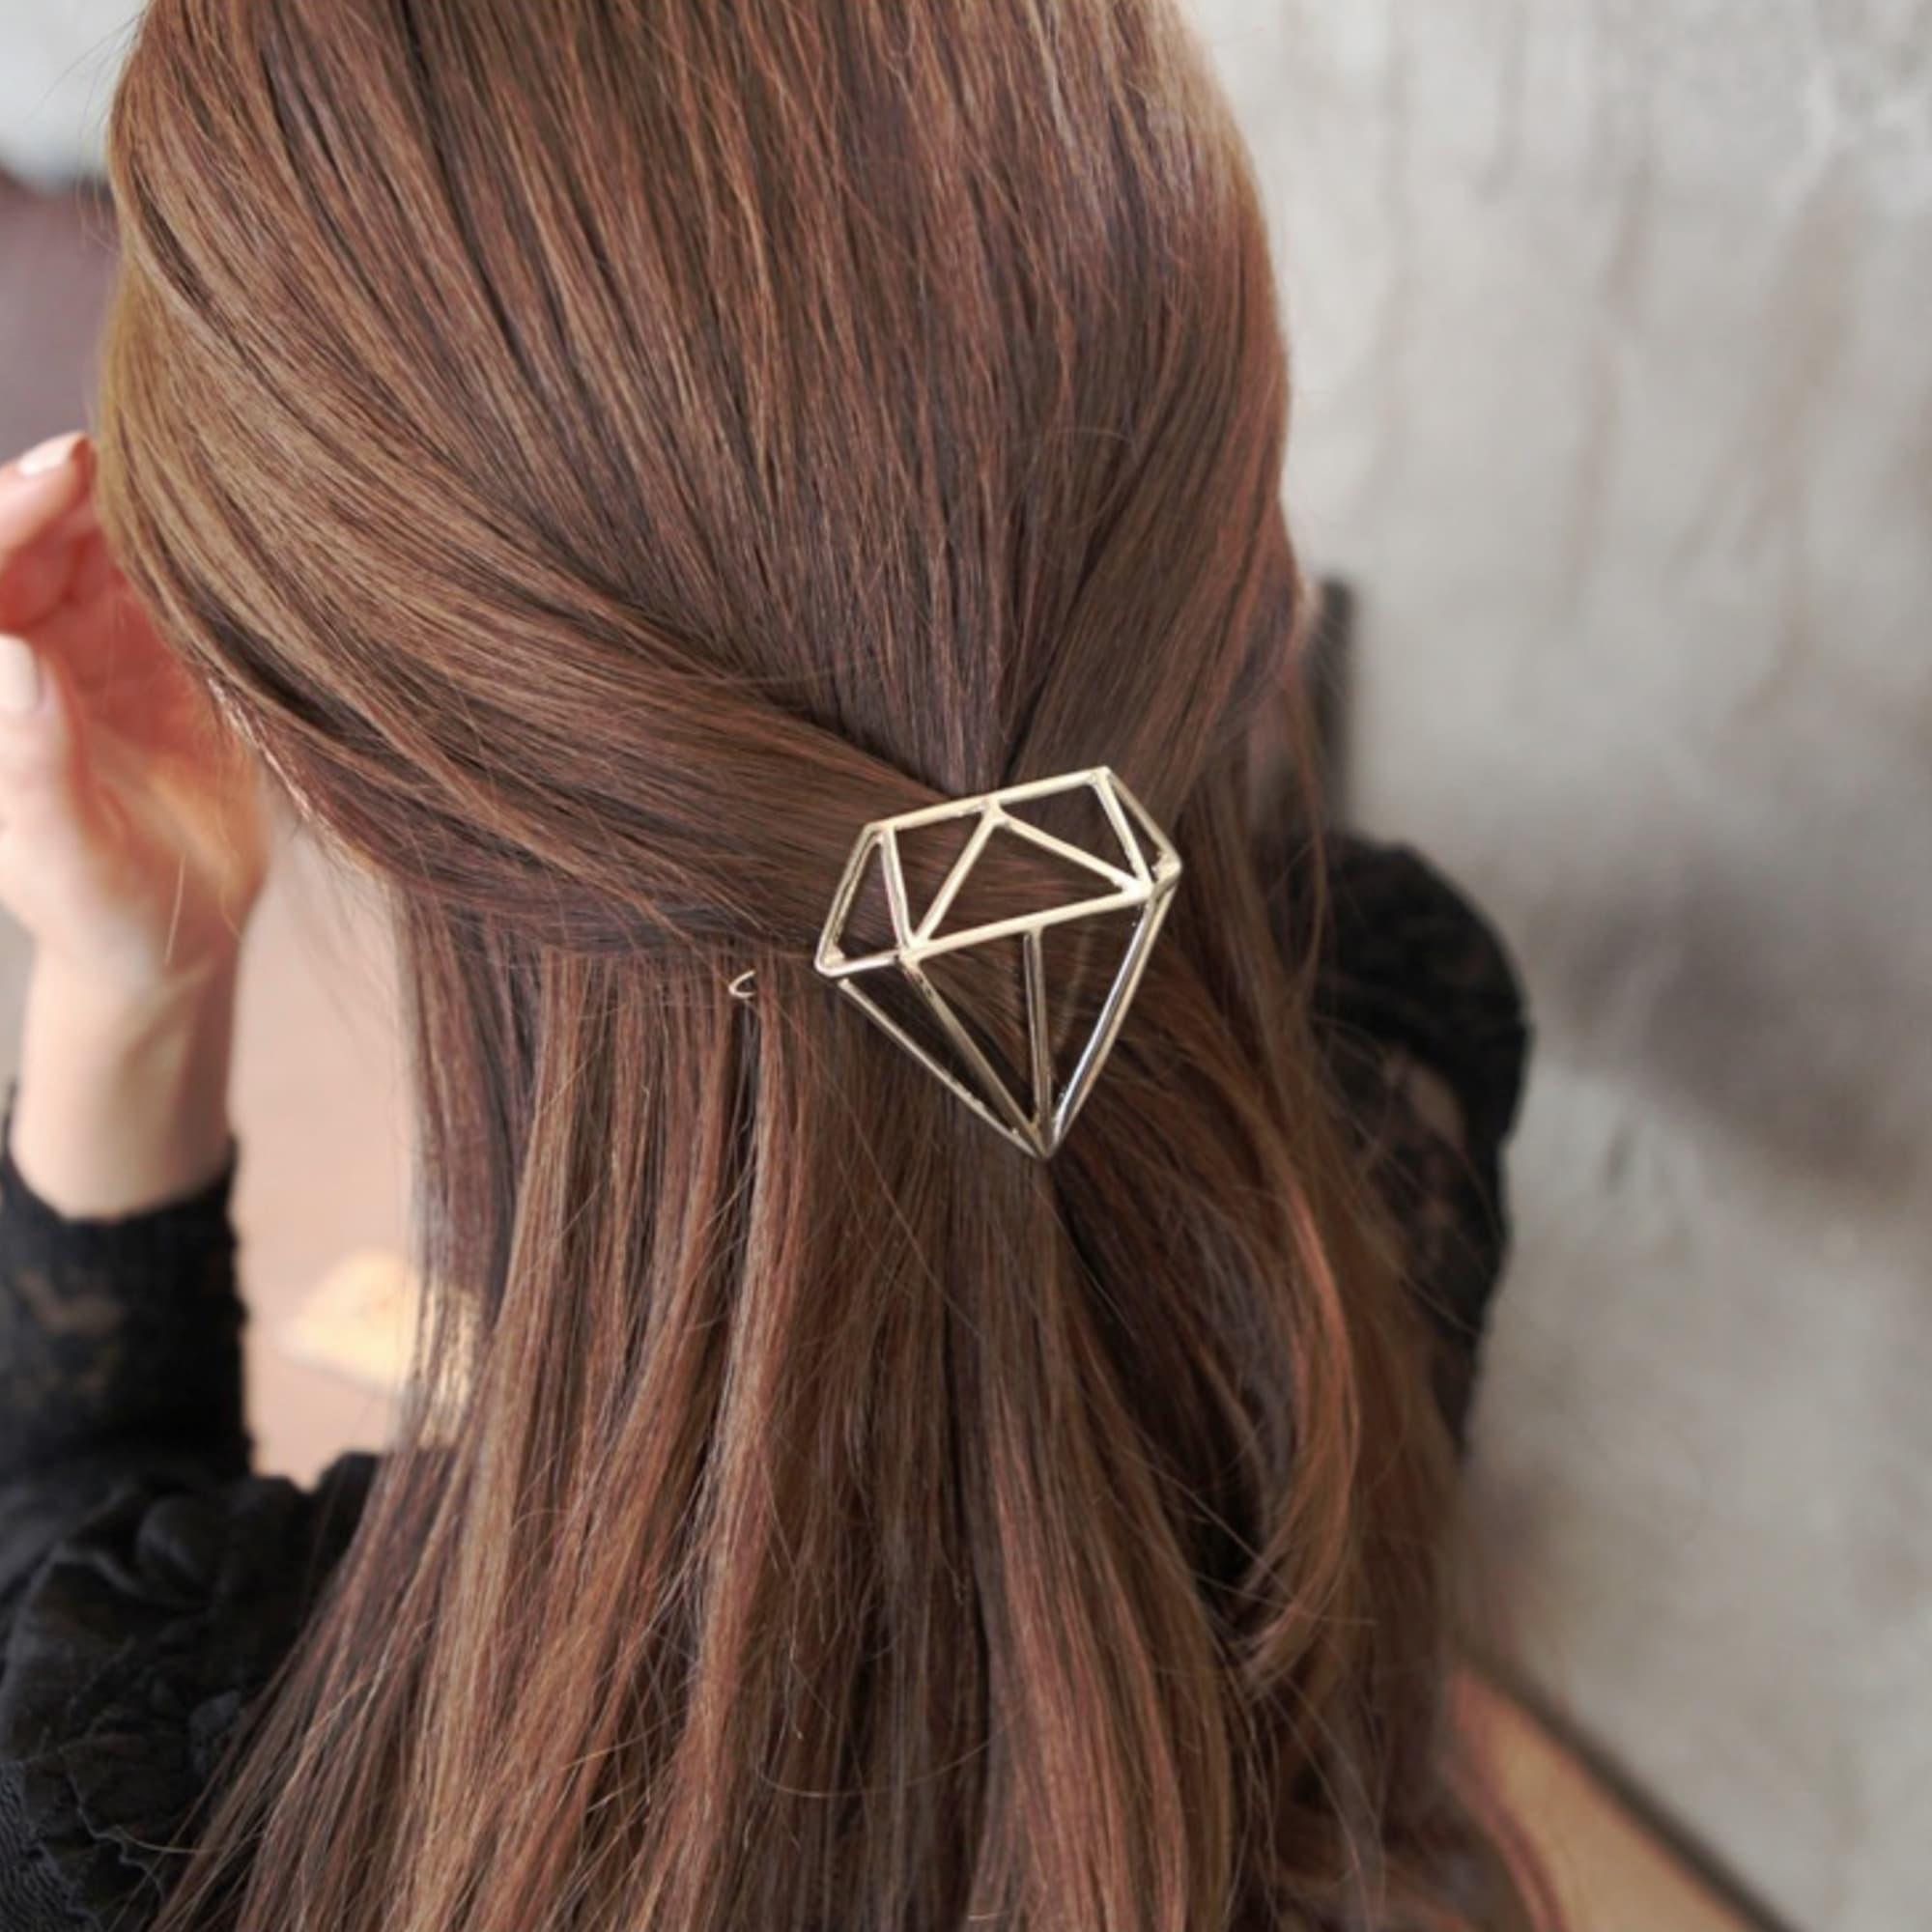 a96d219544d Predlžovanie vlasov a účesy - Spona do vlasov Diamond ...